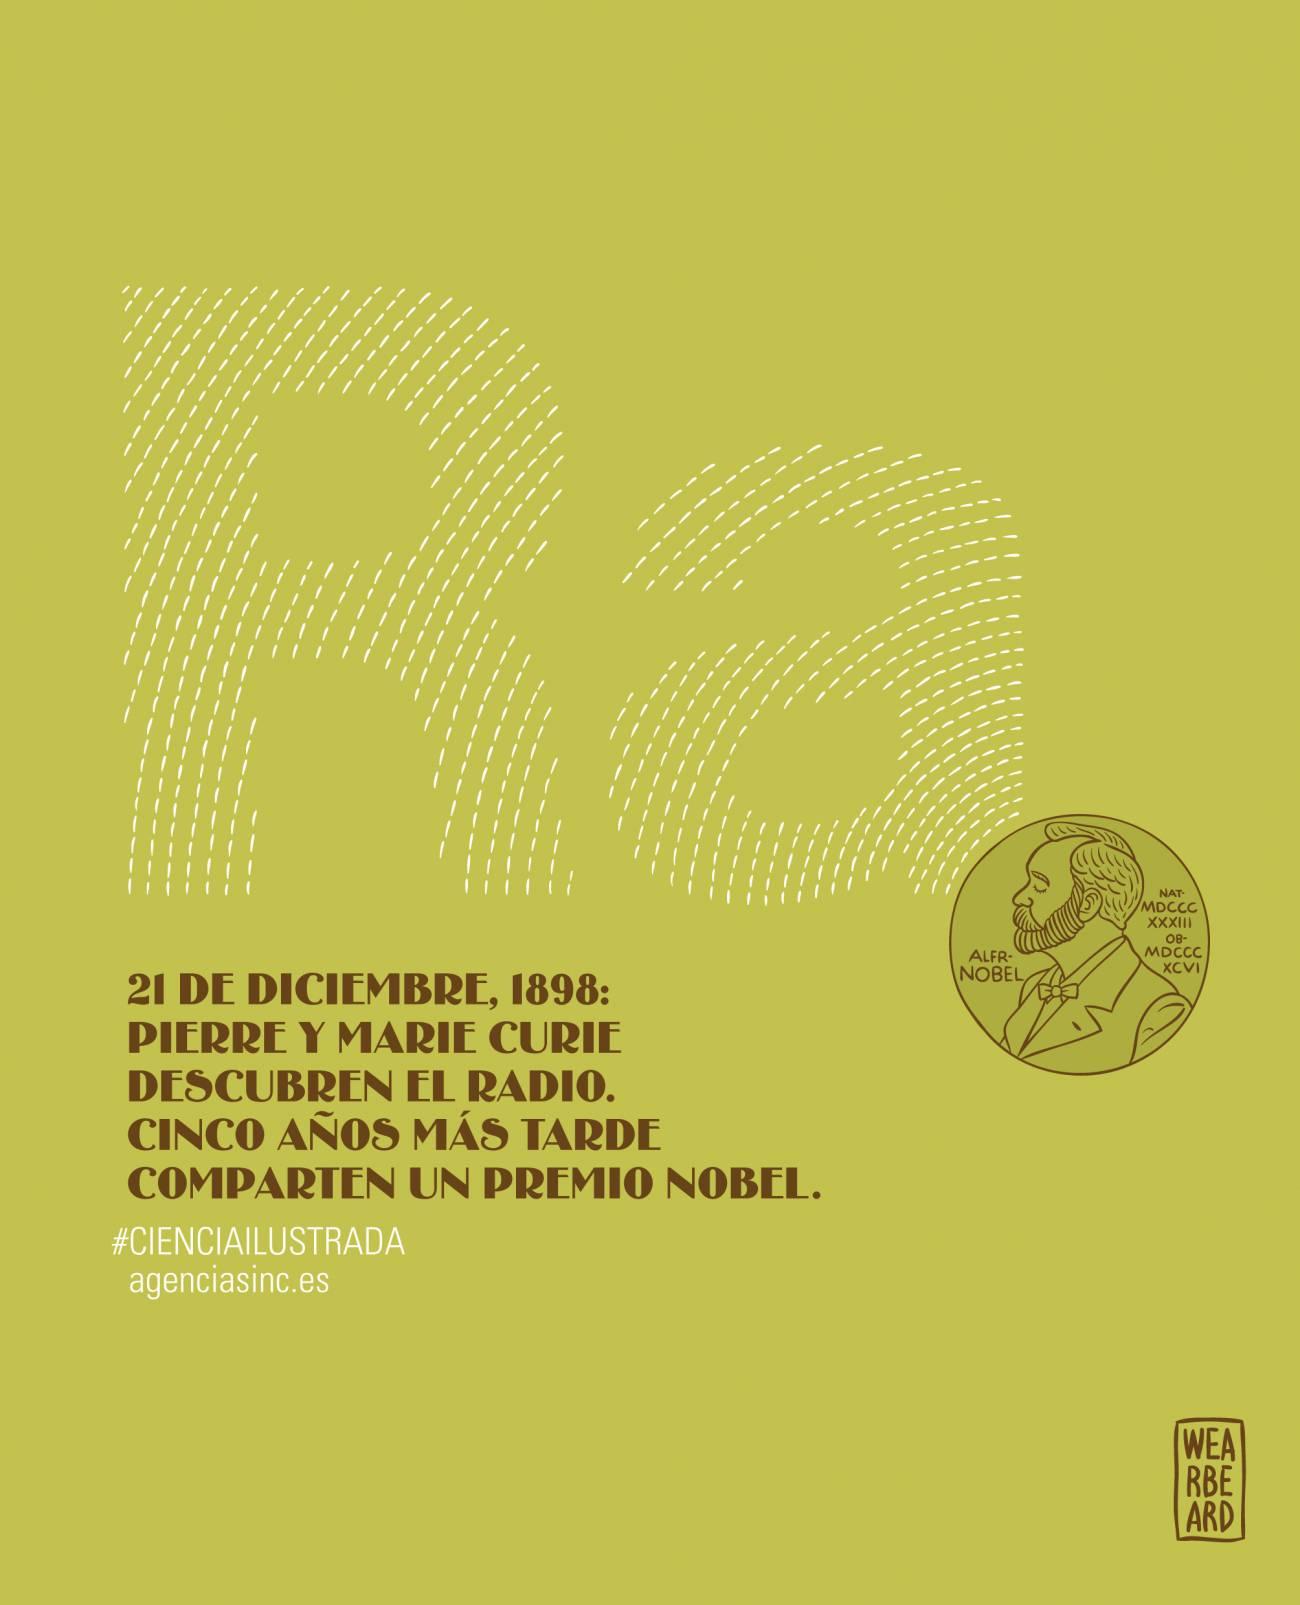 Se cumplen 115 años del descubrimiento del radio. / SINC